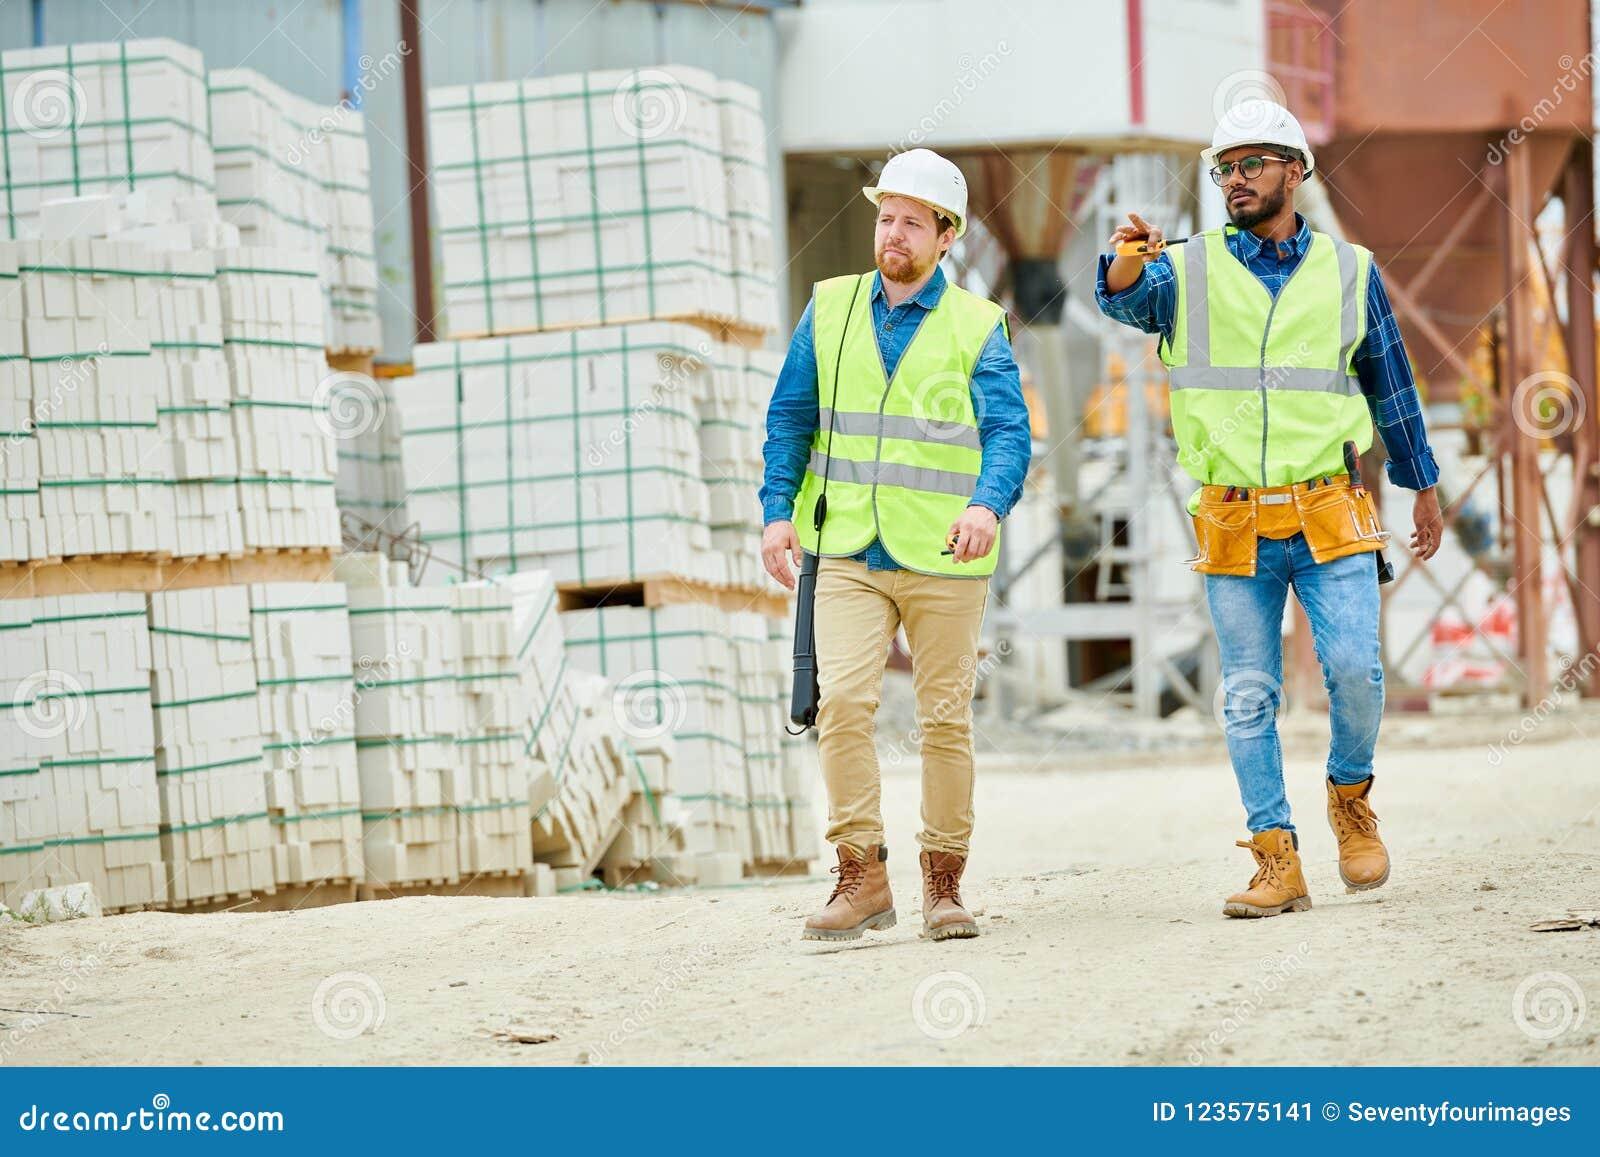 Inspecteurs des bâtiments marchant sur le chantier de construction